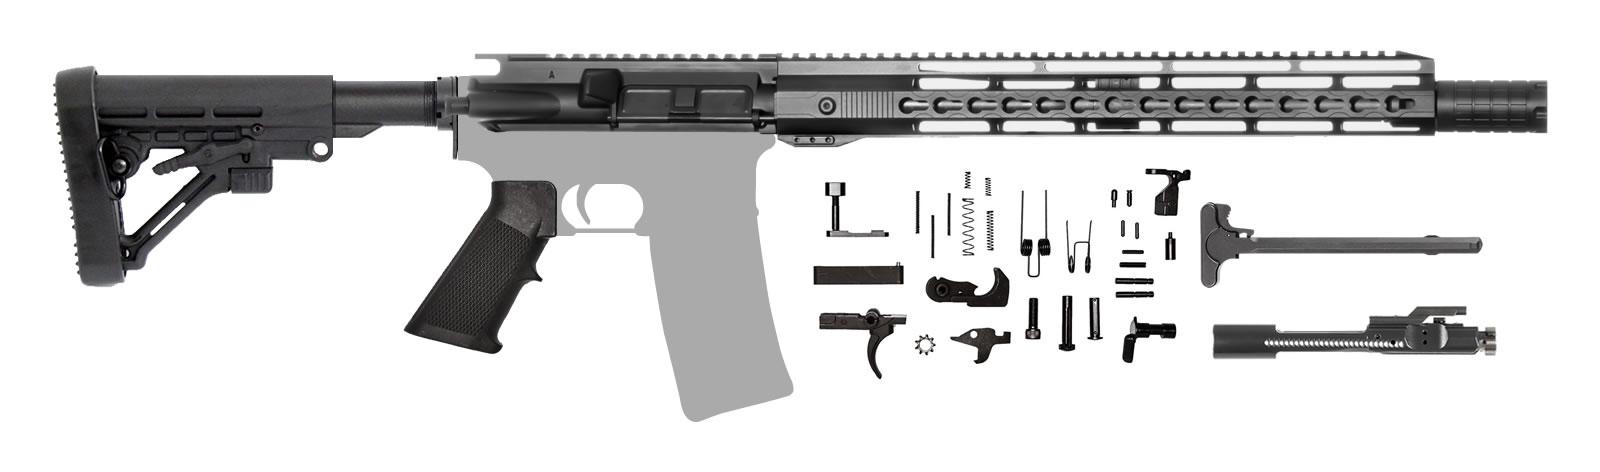 AR-15 Rifle Kit 14.5